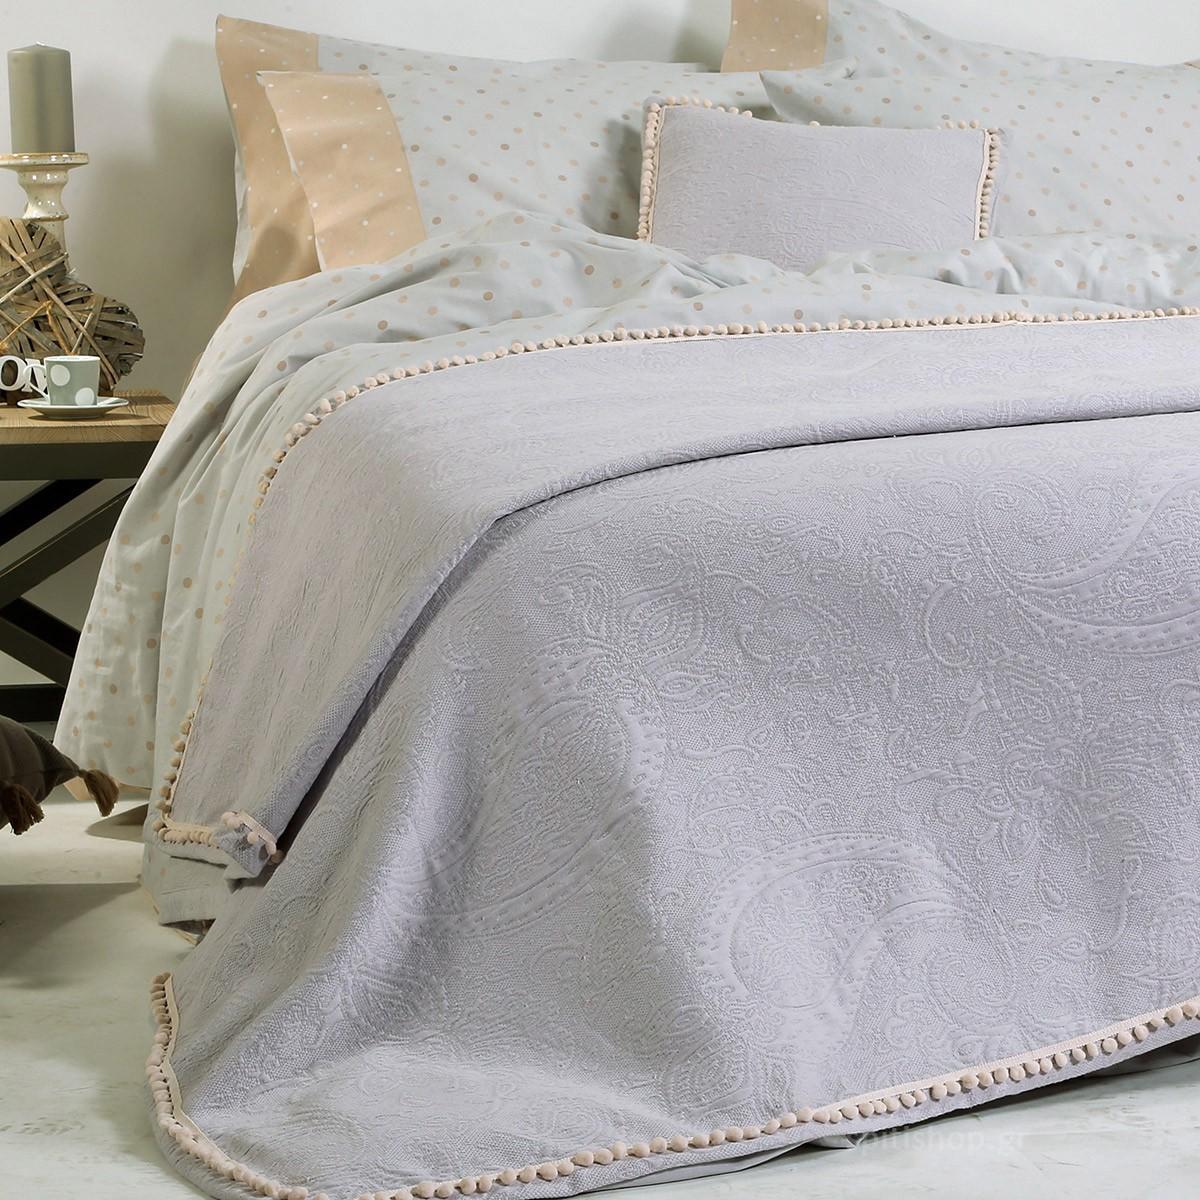 Κουβερτόριο Υπέρδιπλο Nef-Nef Adelaid Grey home   κρεβατοκάμαρα   κουβέρτες   κουβέρτες καλοκαιρινές υπέρδιπλες